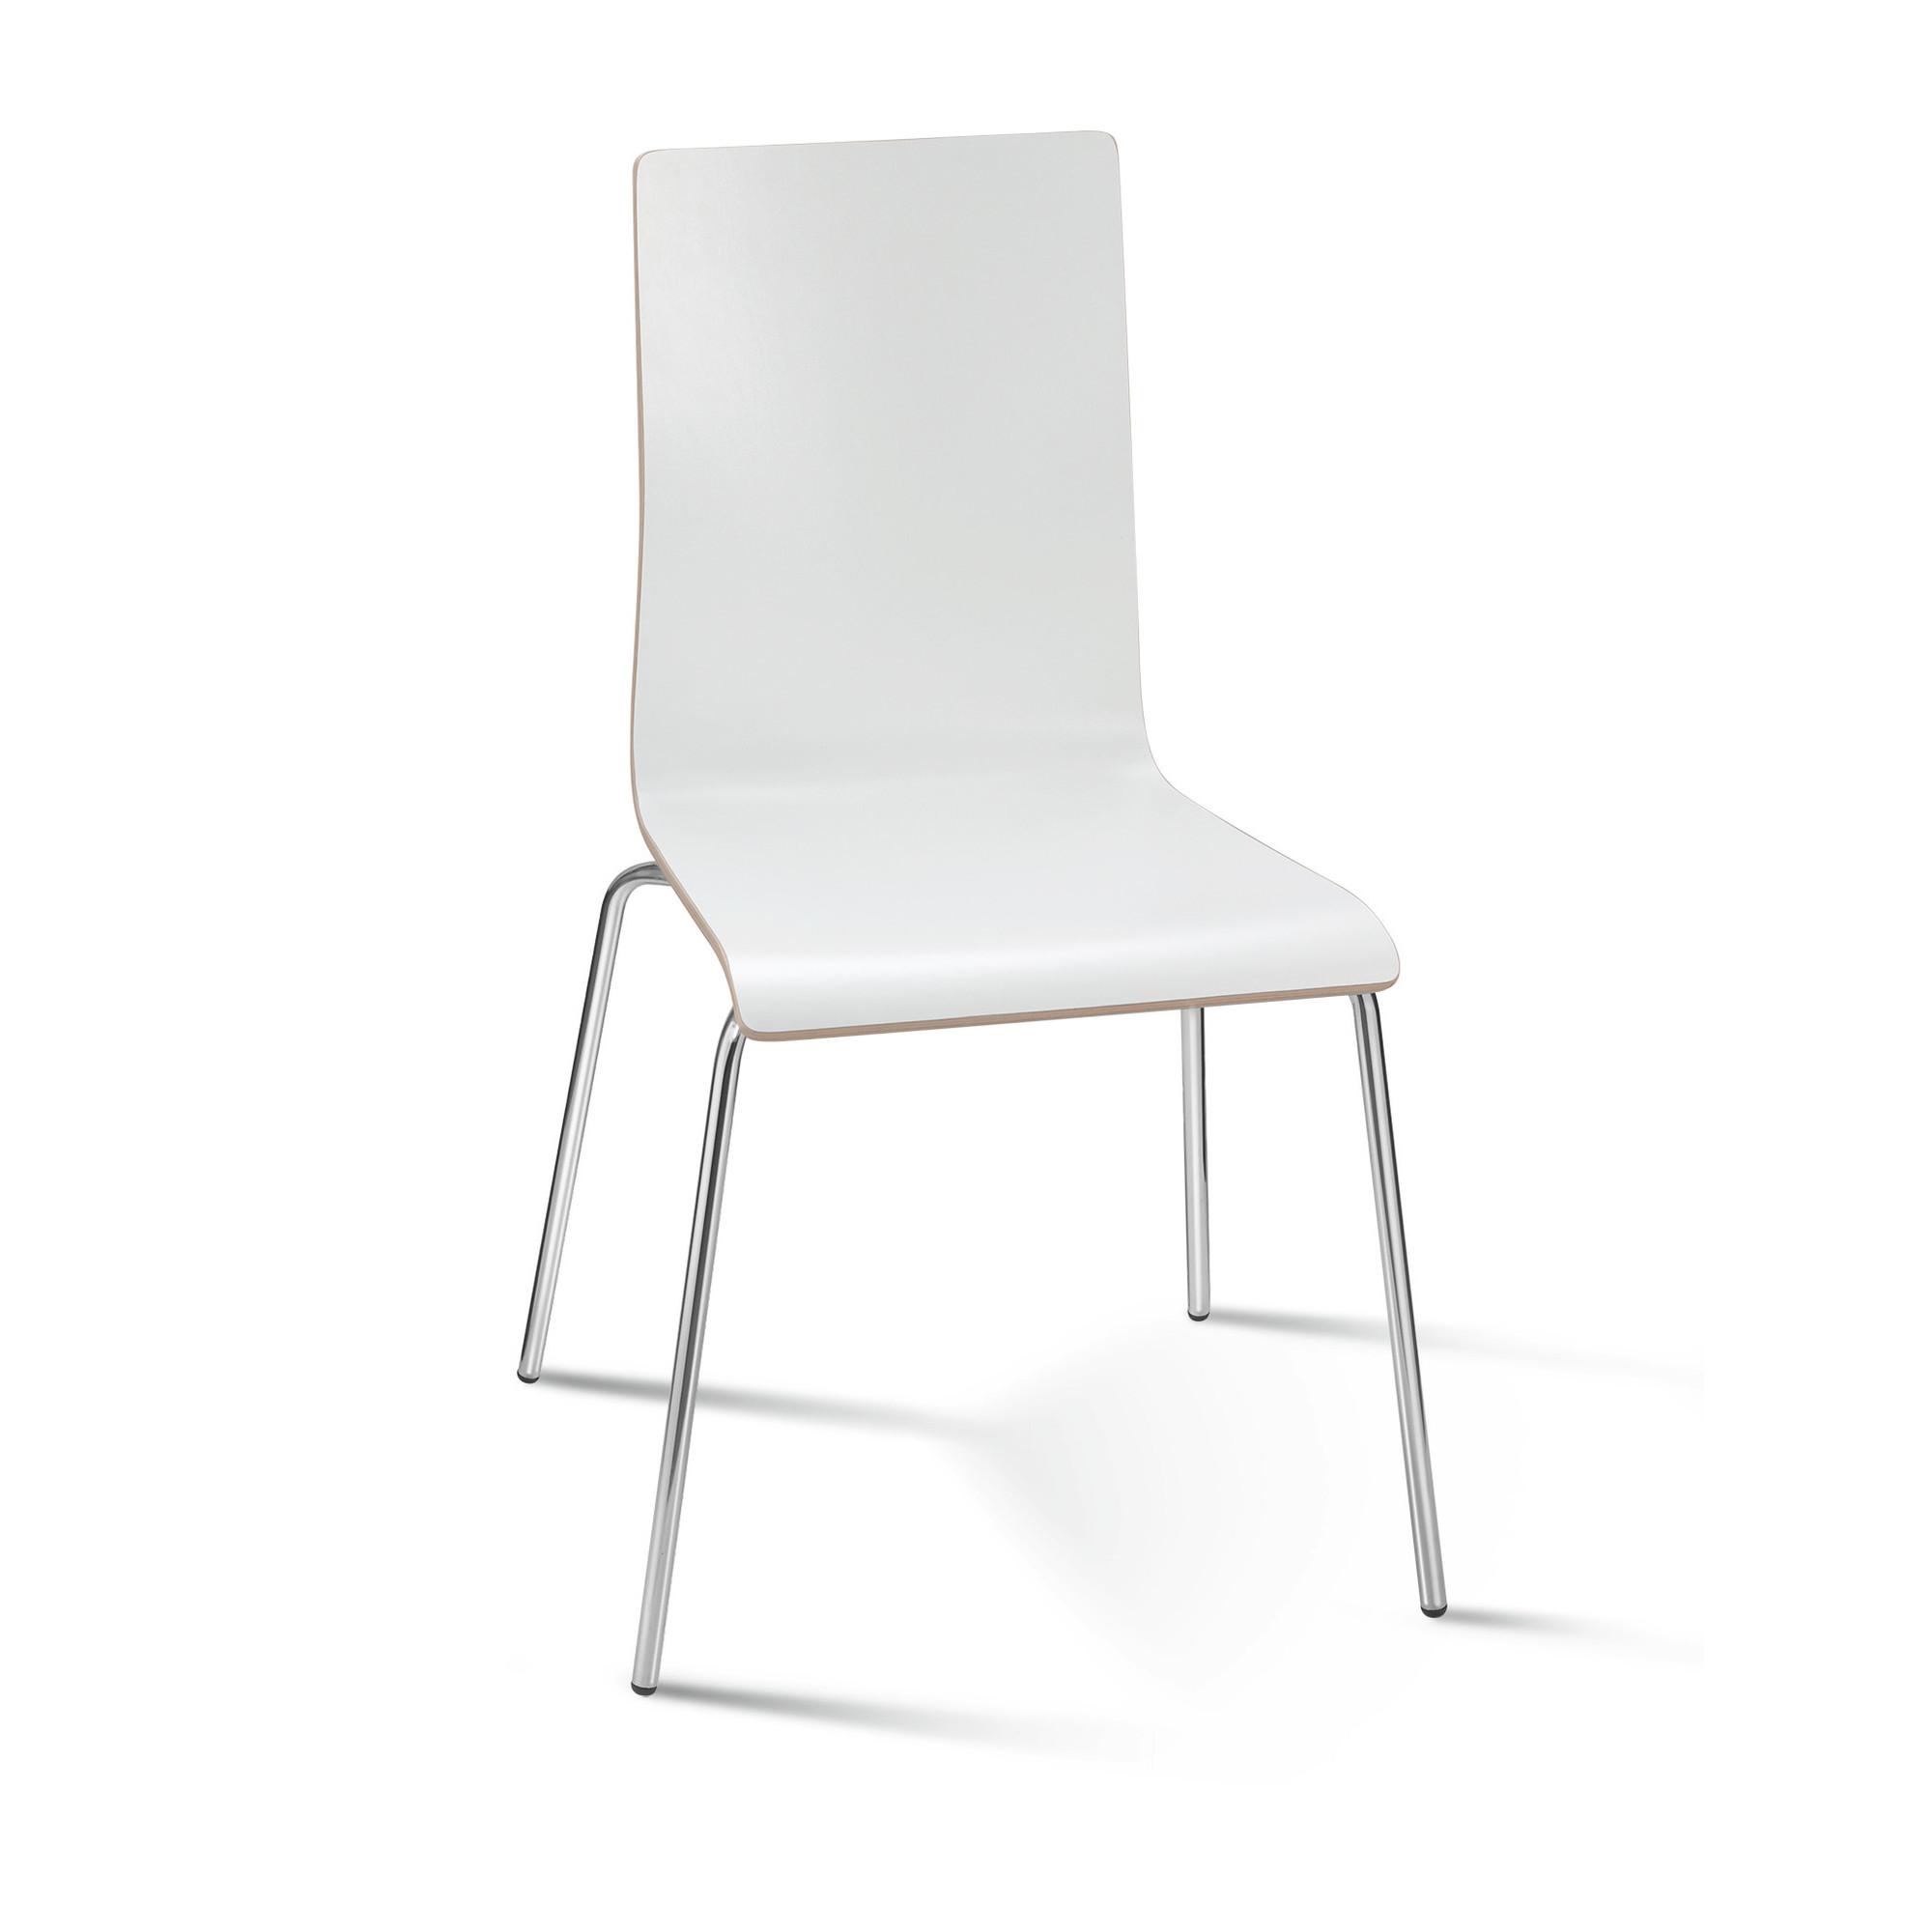 Chaise visiteur - Ruck